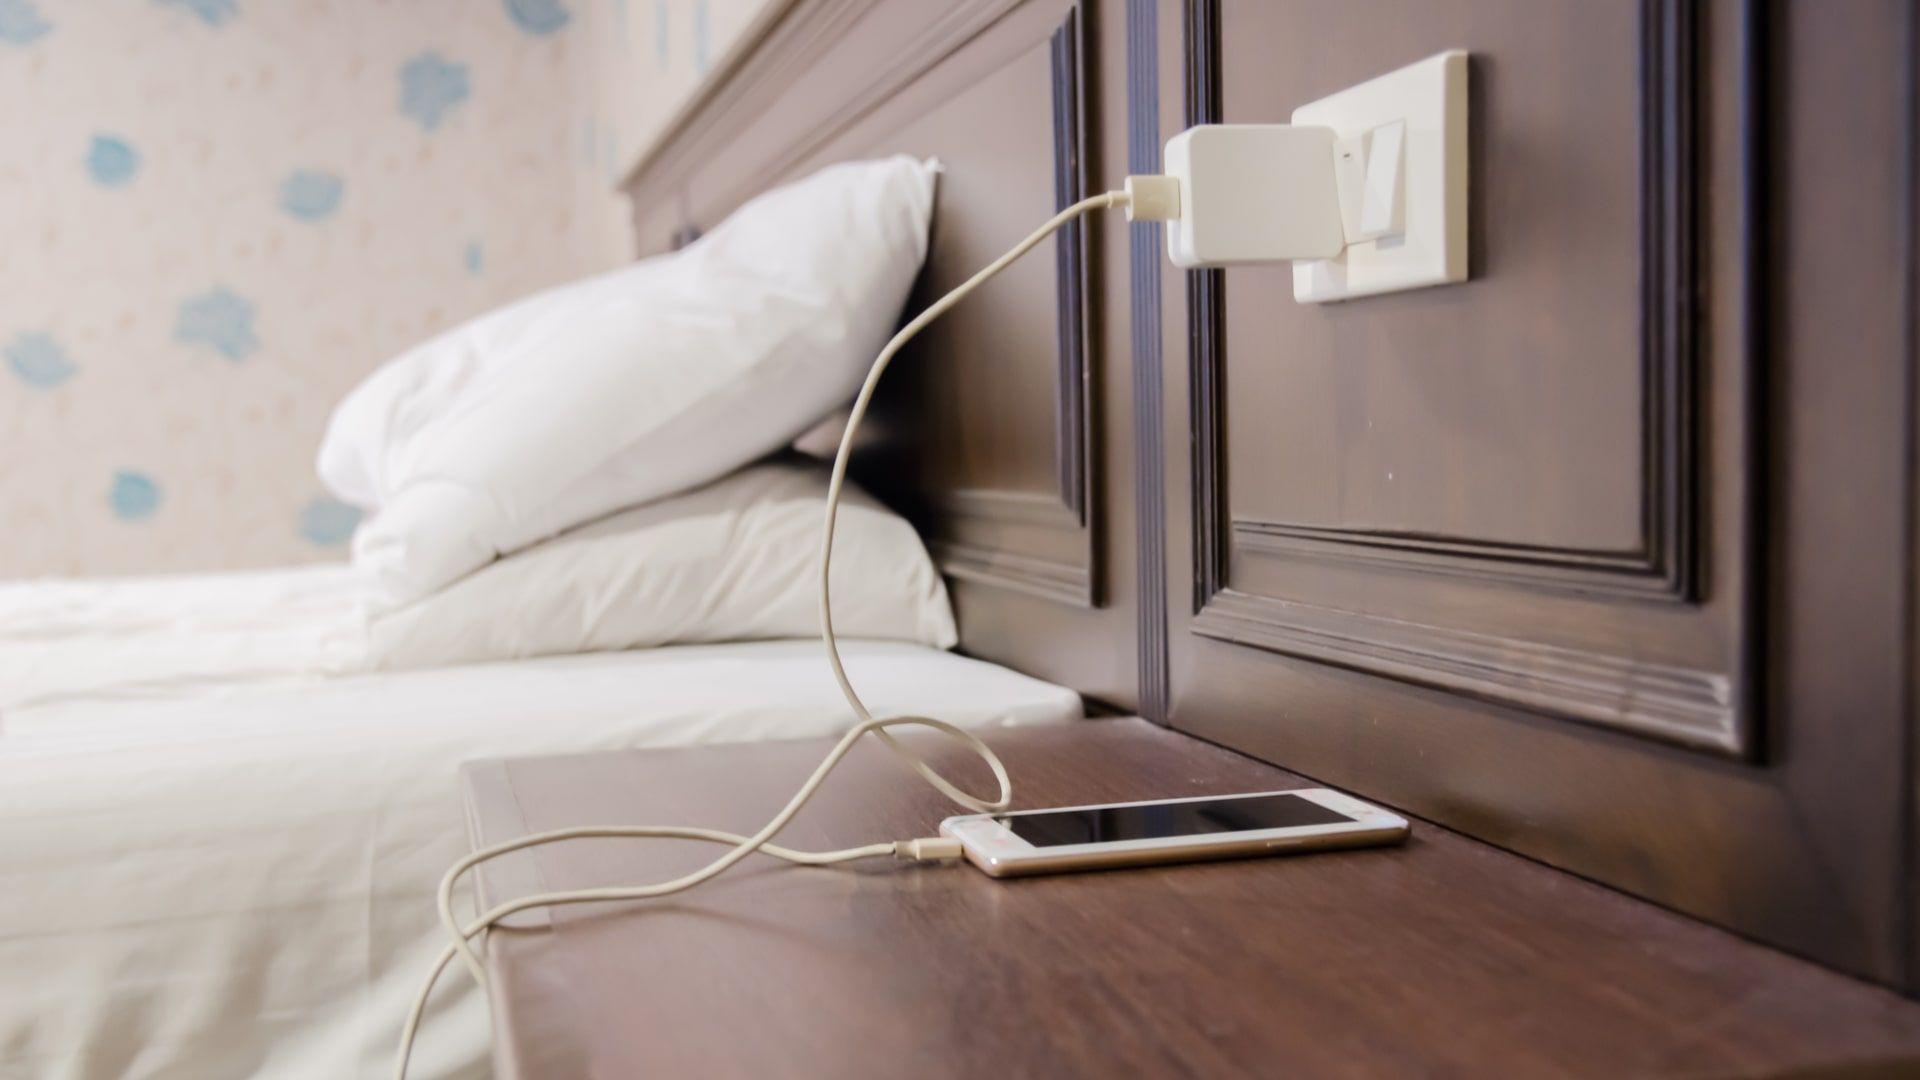 Celular carregando em uma mesa de cabeceira, ao lado de uma cama